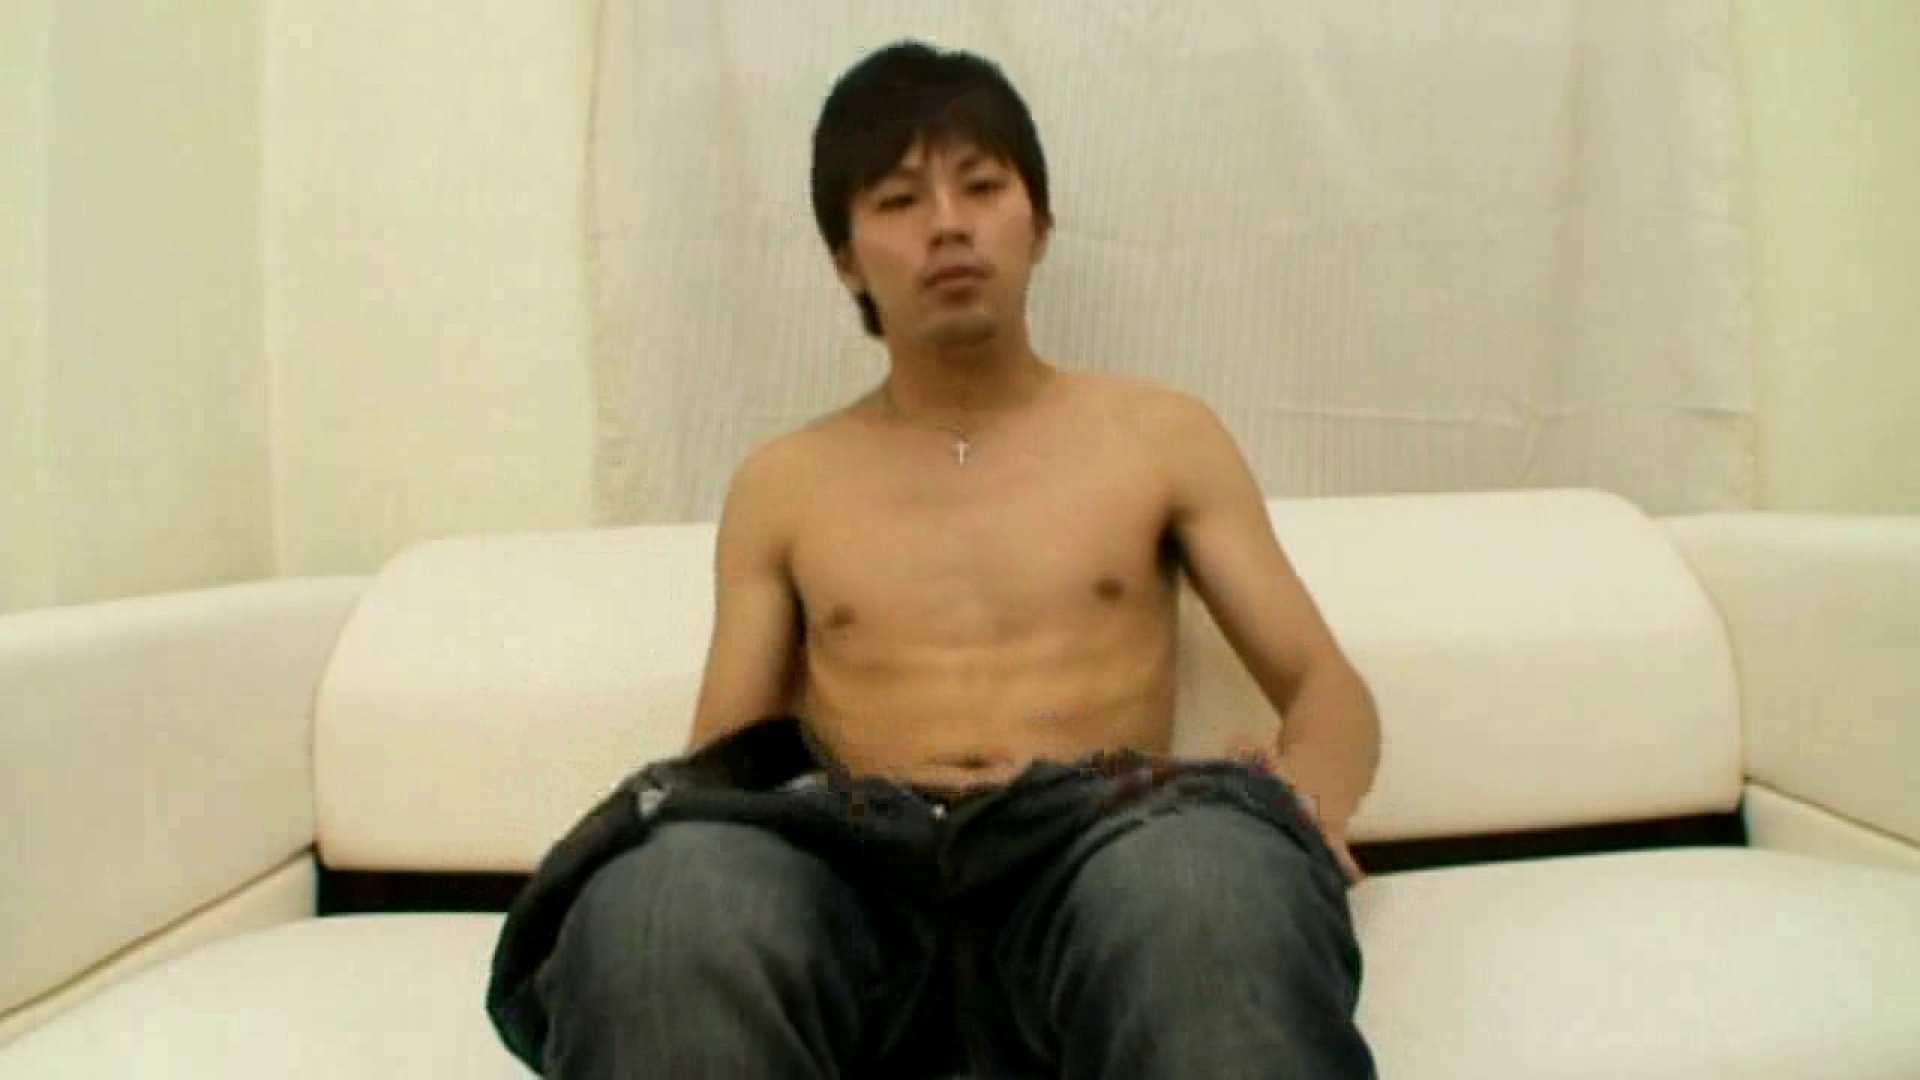 ノンケ!自慰スタジオ No.37 ゲイの自慰 ゲイヌード画像 67pic 27